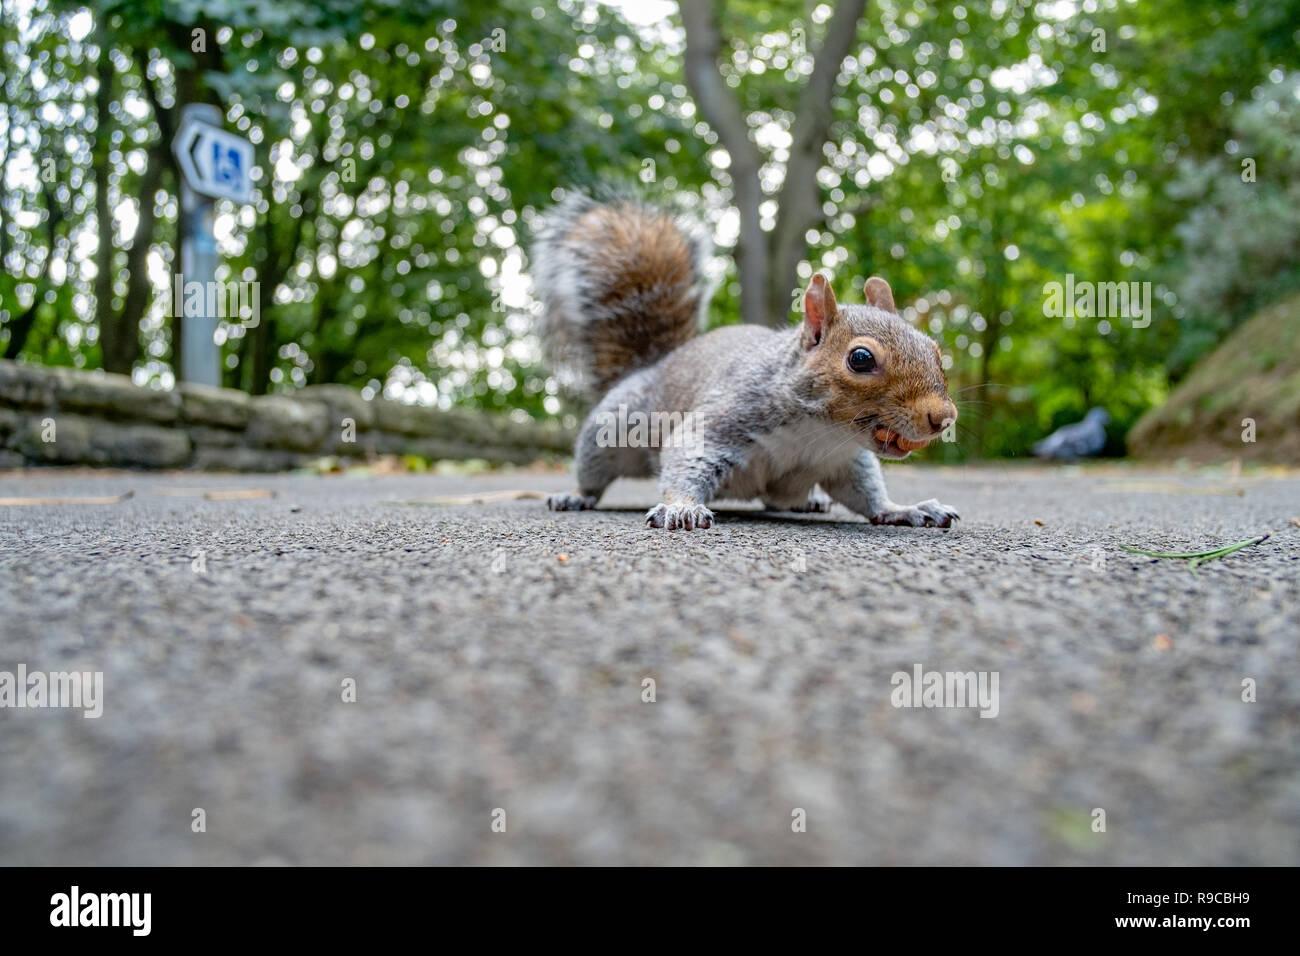 L'angle faible coup de l'écureuil gris sur le chemin Photo Stock